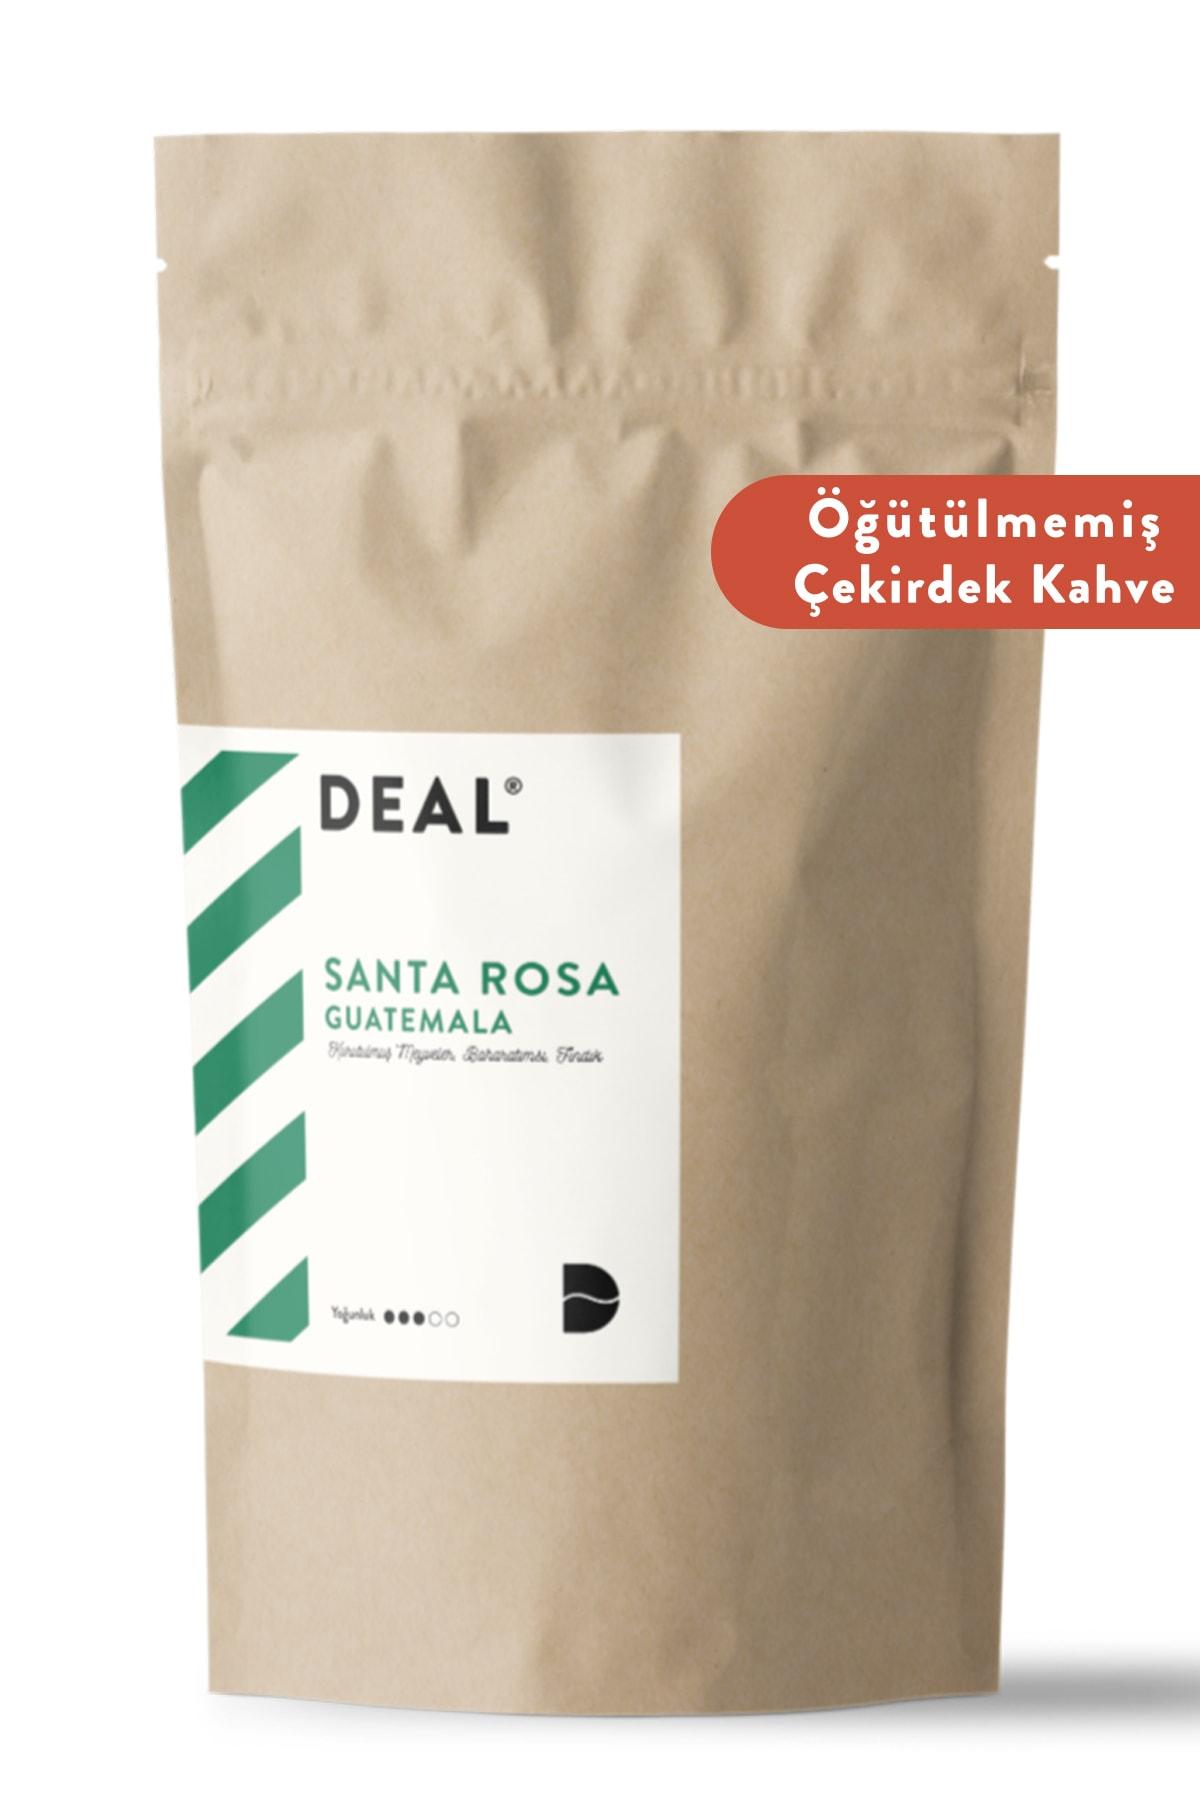 DEAL COFFEE Guatemala Santa Rosa Single Origin Taze Kavrulmuş Çekirdek Kahve 250 Gr Öğütülmemiş 1